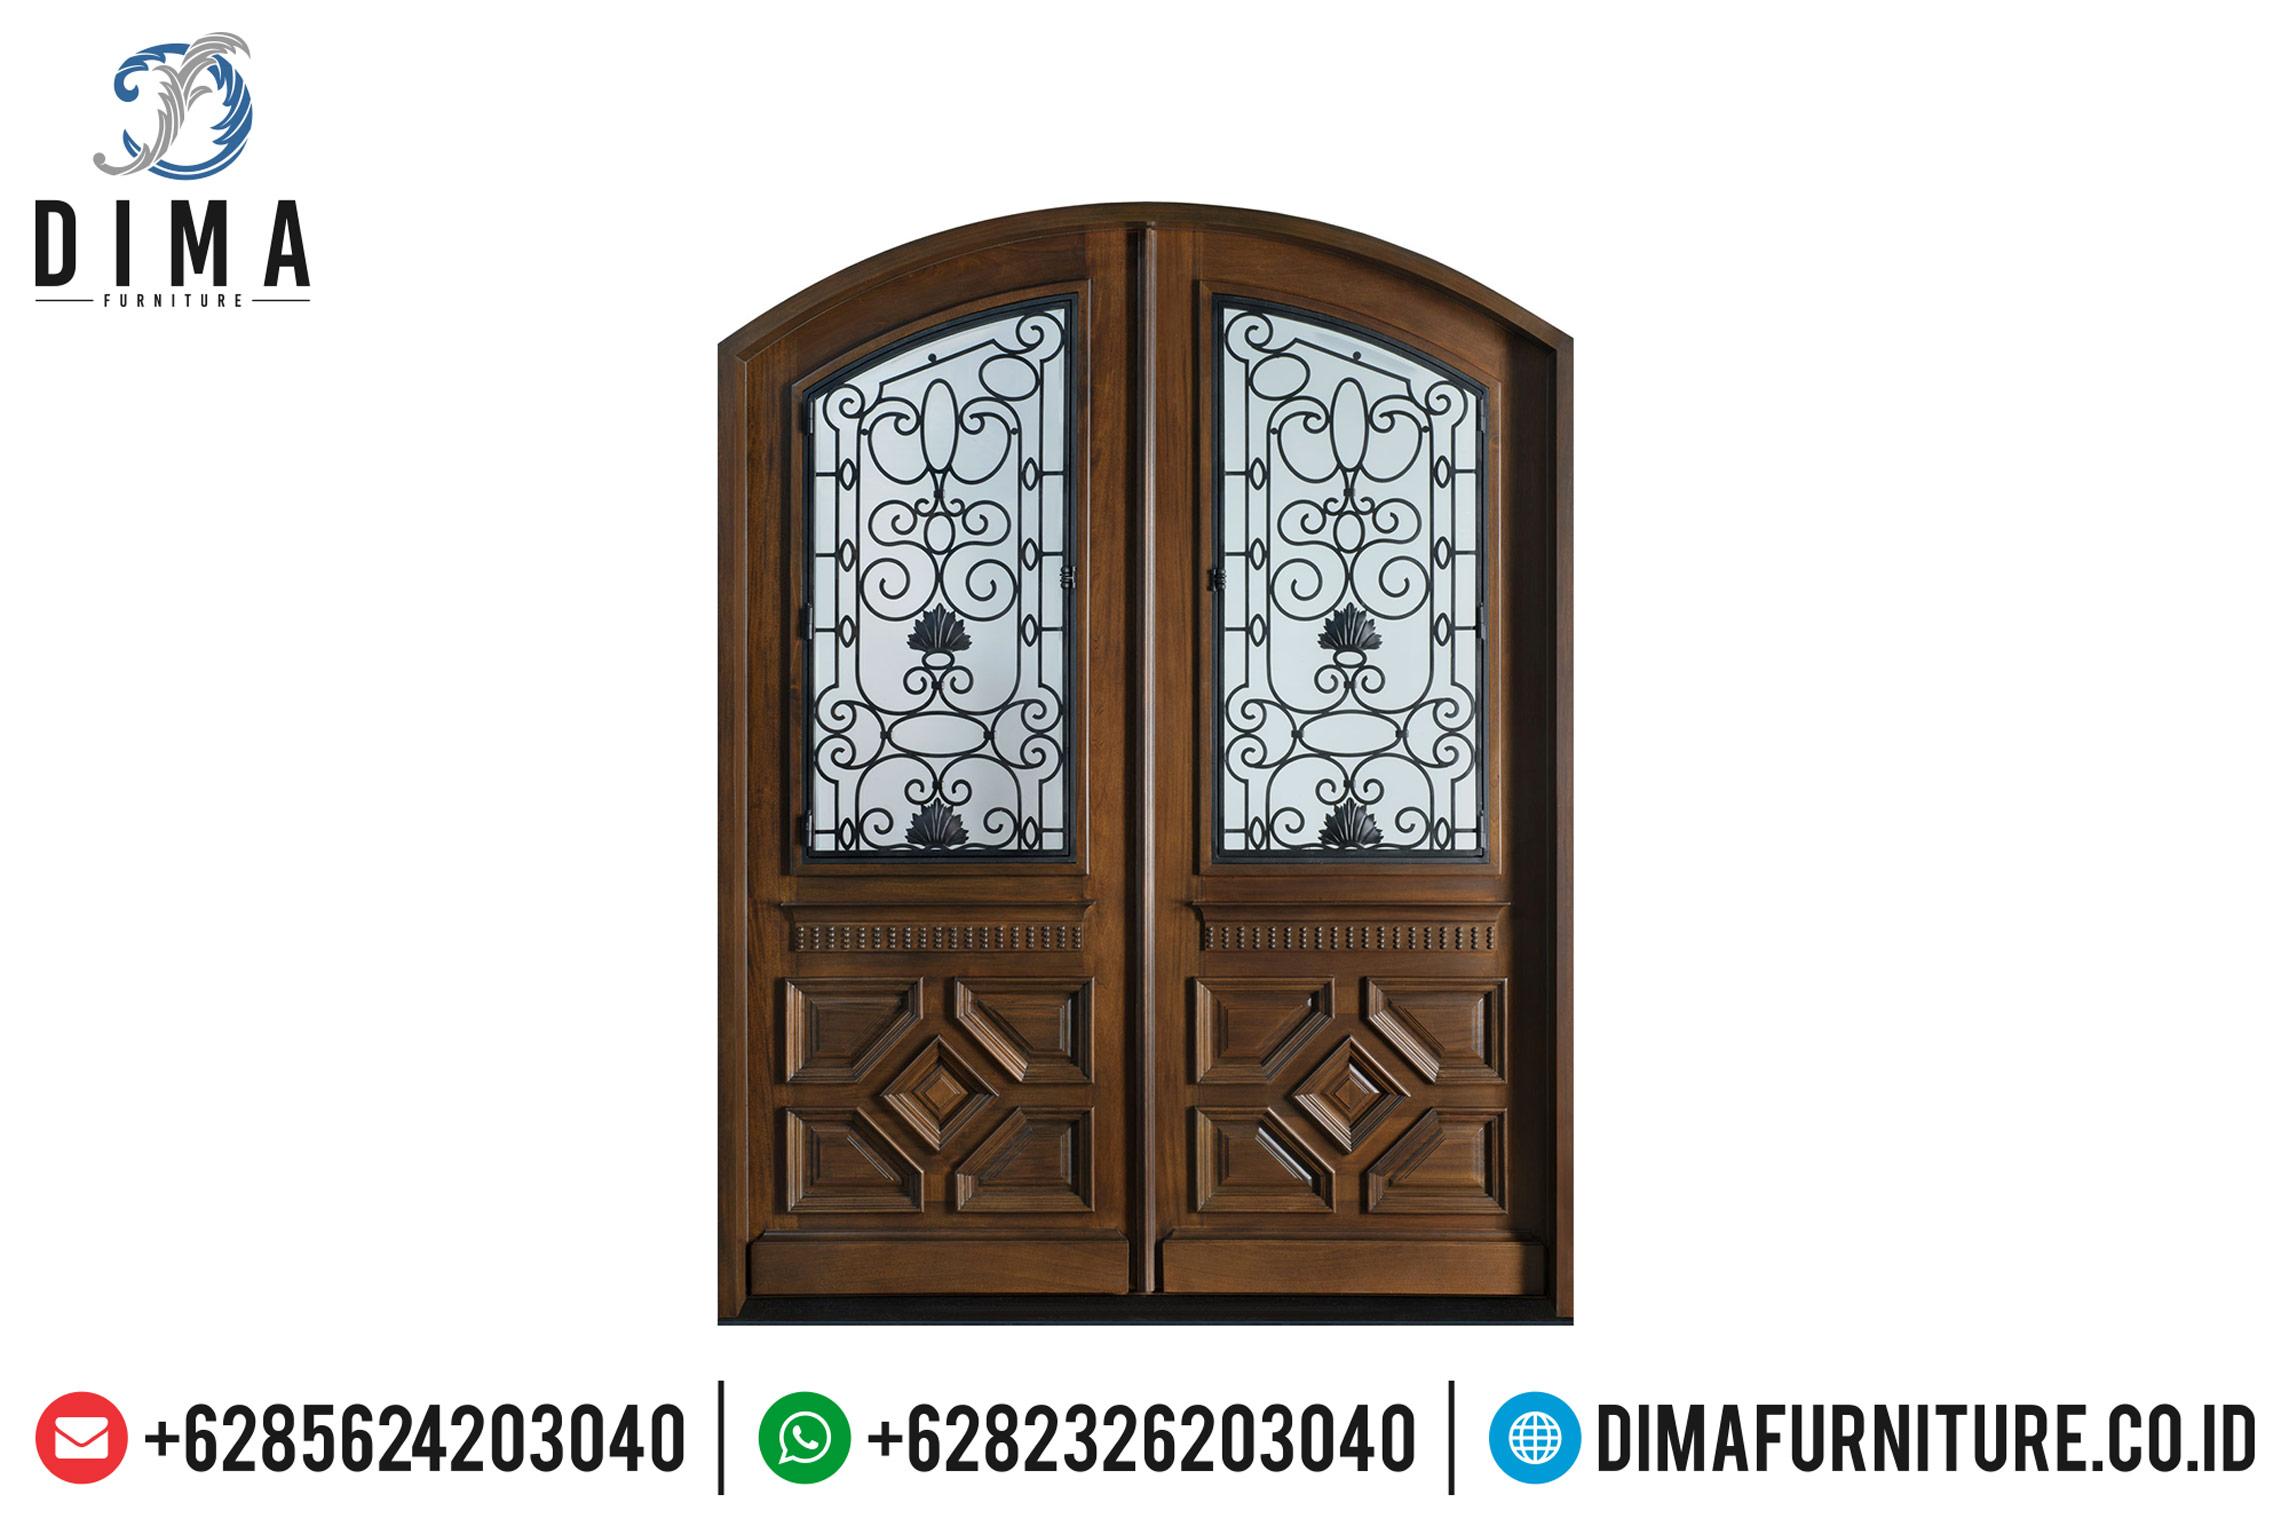 Harga Kusen Pintu Jati Natural Minimalis Classic Mewah Jepara TTJ-0505